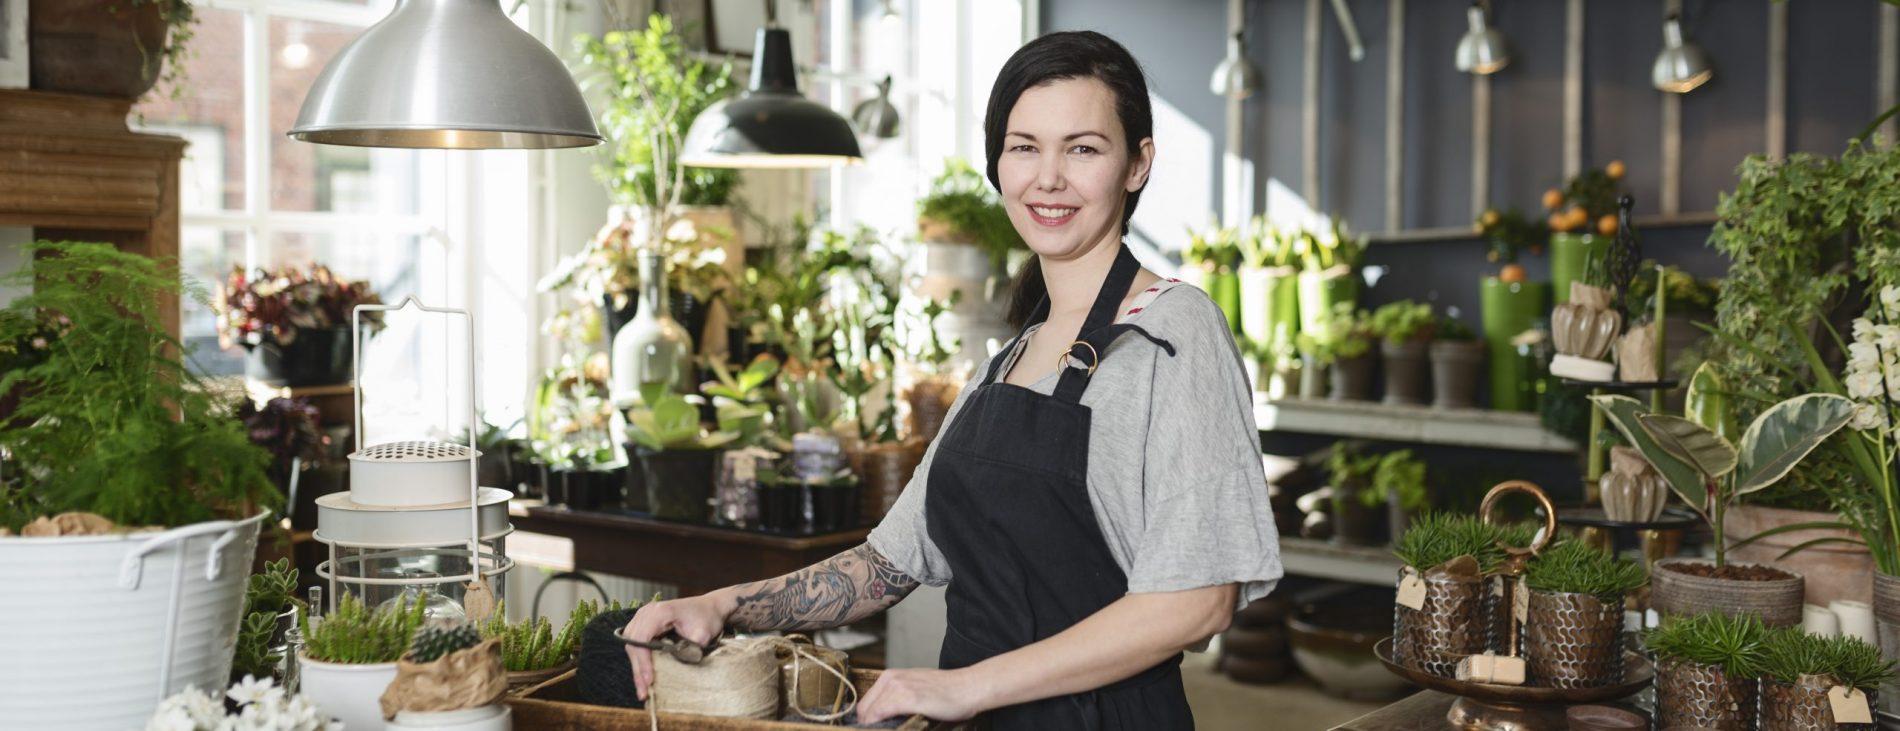 Kvinde arbejder i blomsterbutik